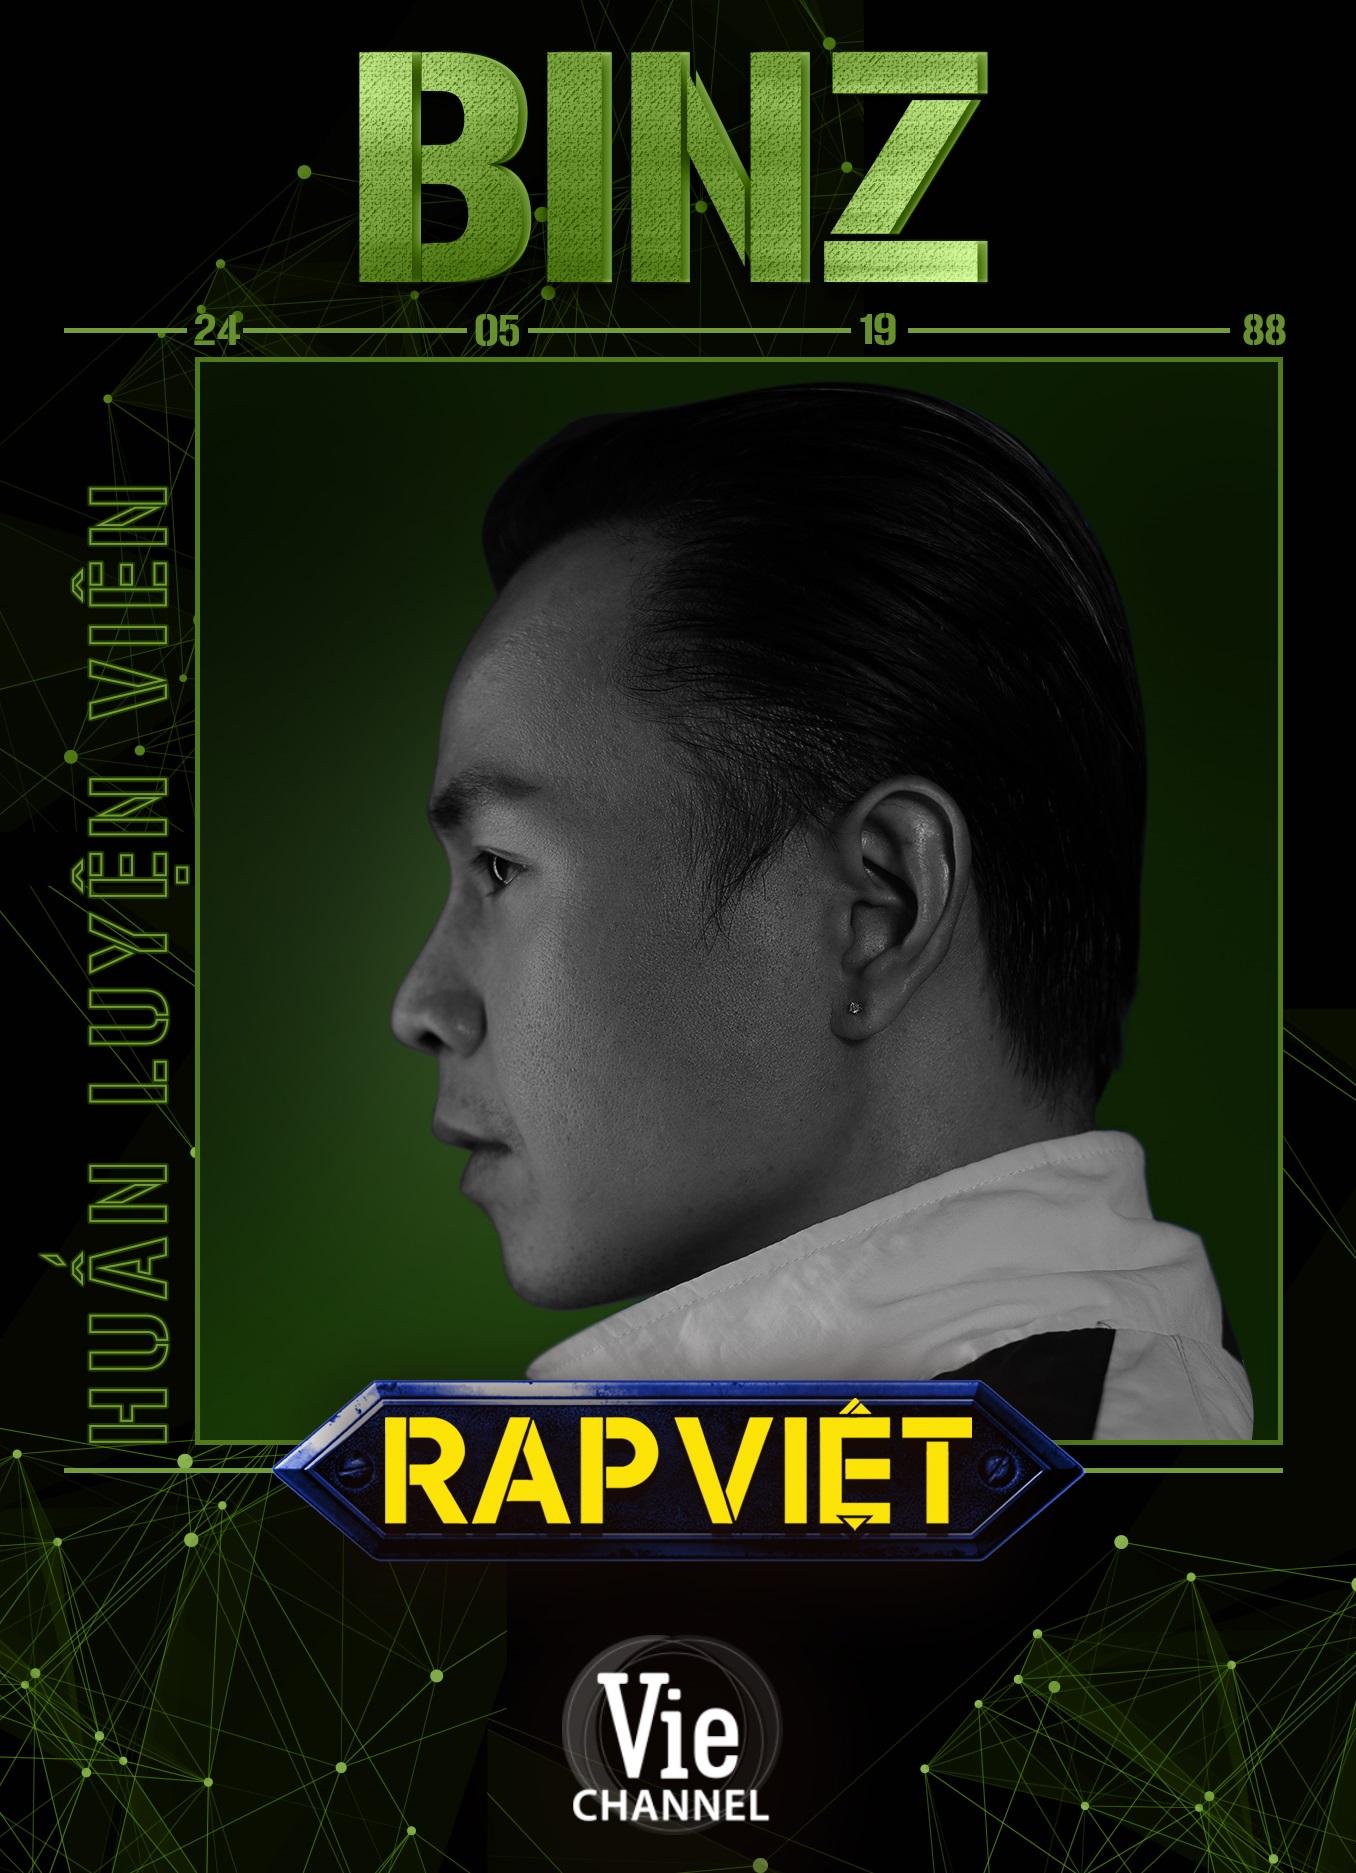 Touliver cùng Binz, Rhymastic, Wowy, Karik, JustaTee quy tụ truy tìm thế hệ rapper tài năng mới cho làng rap